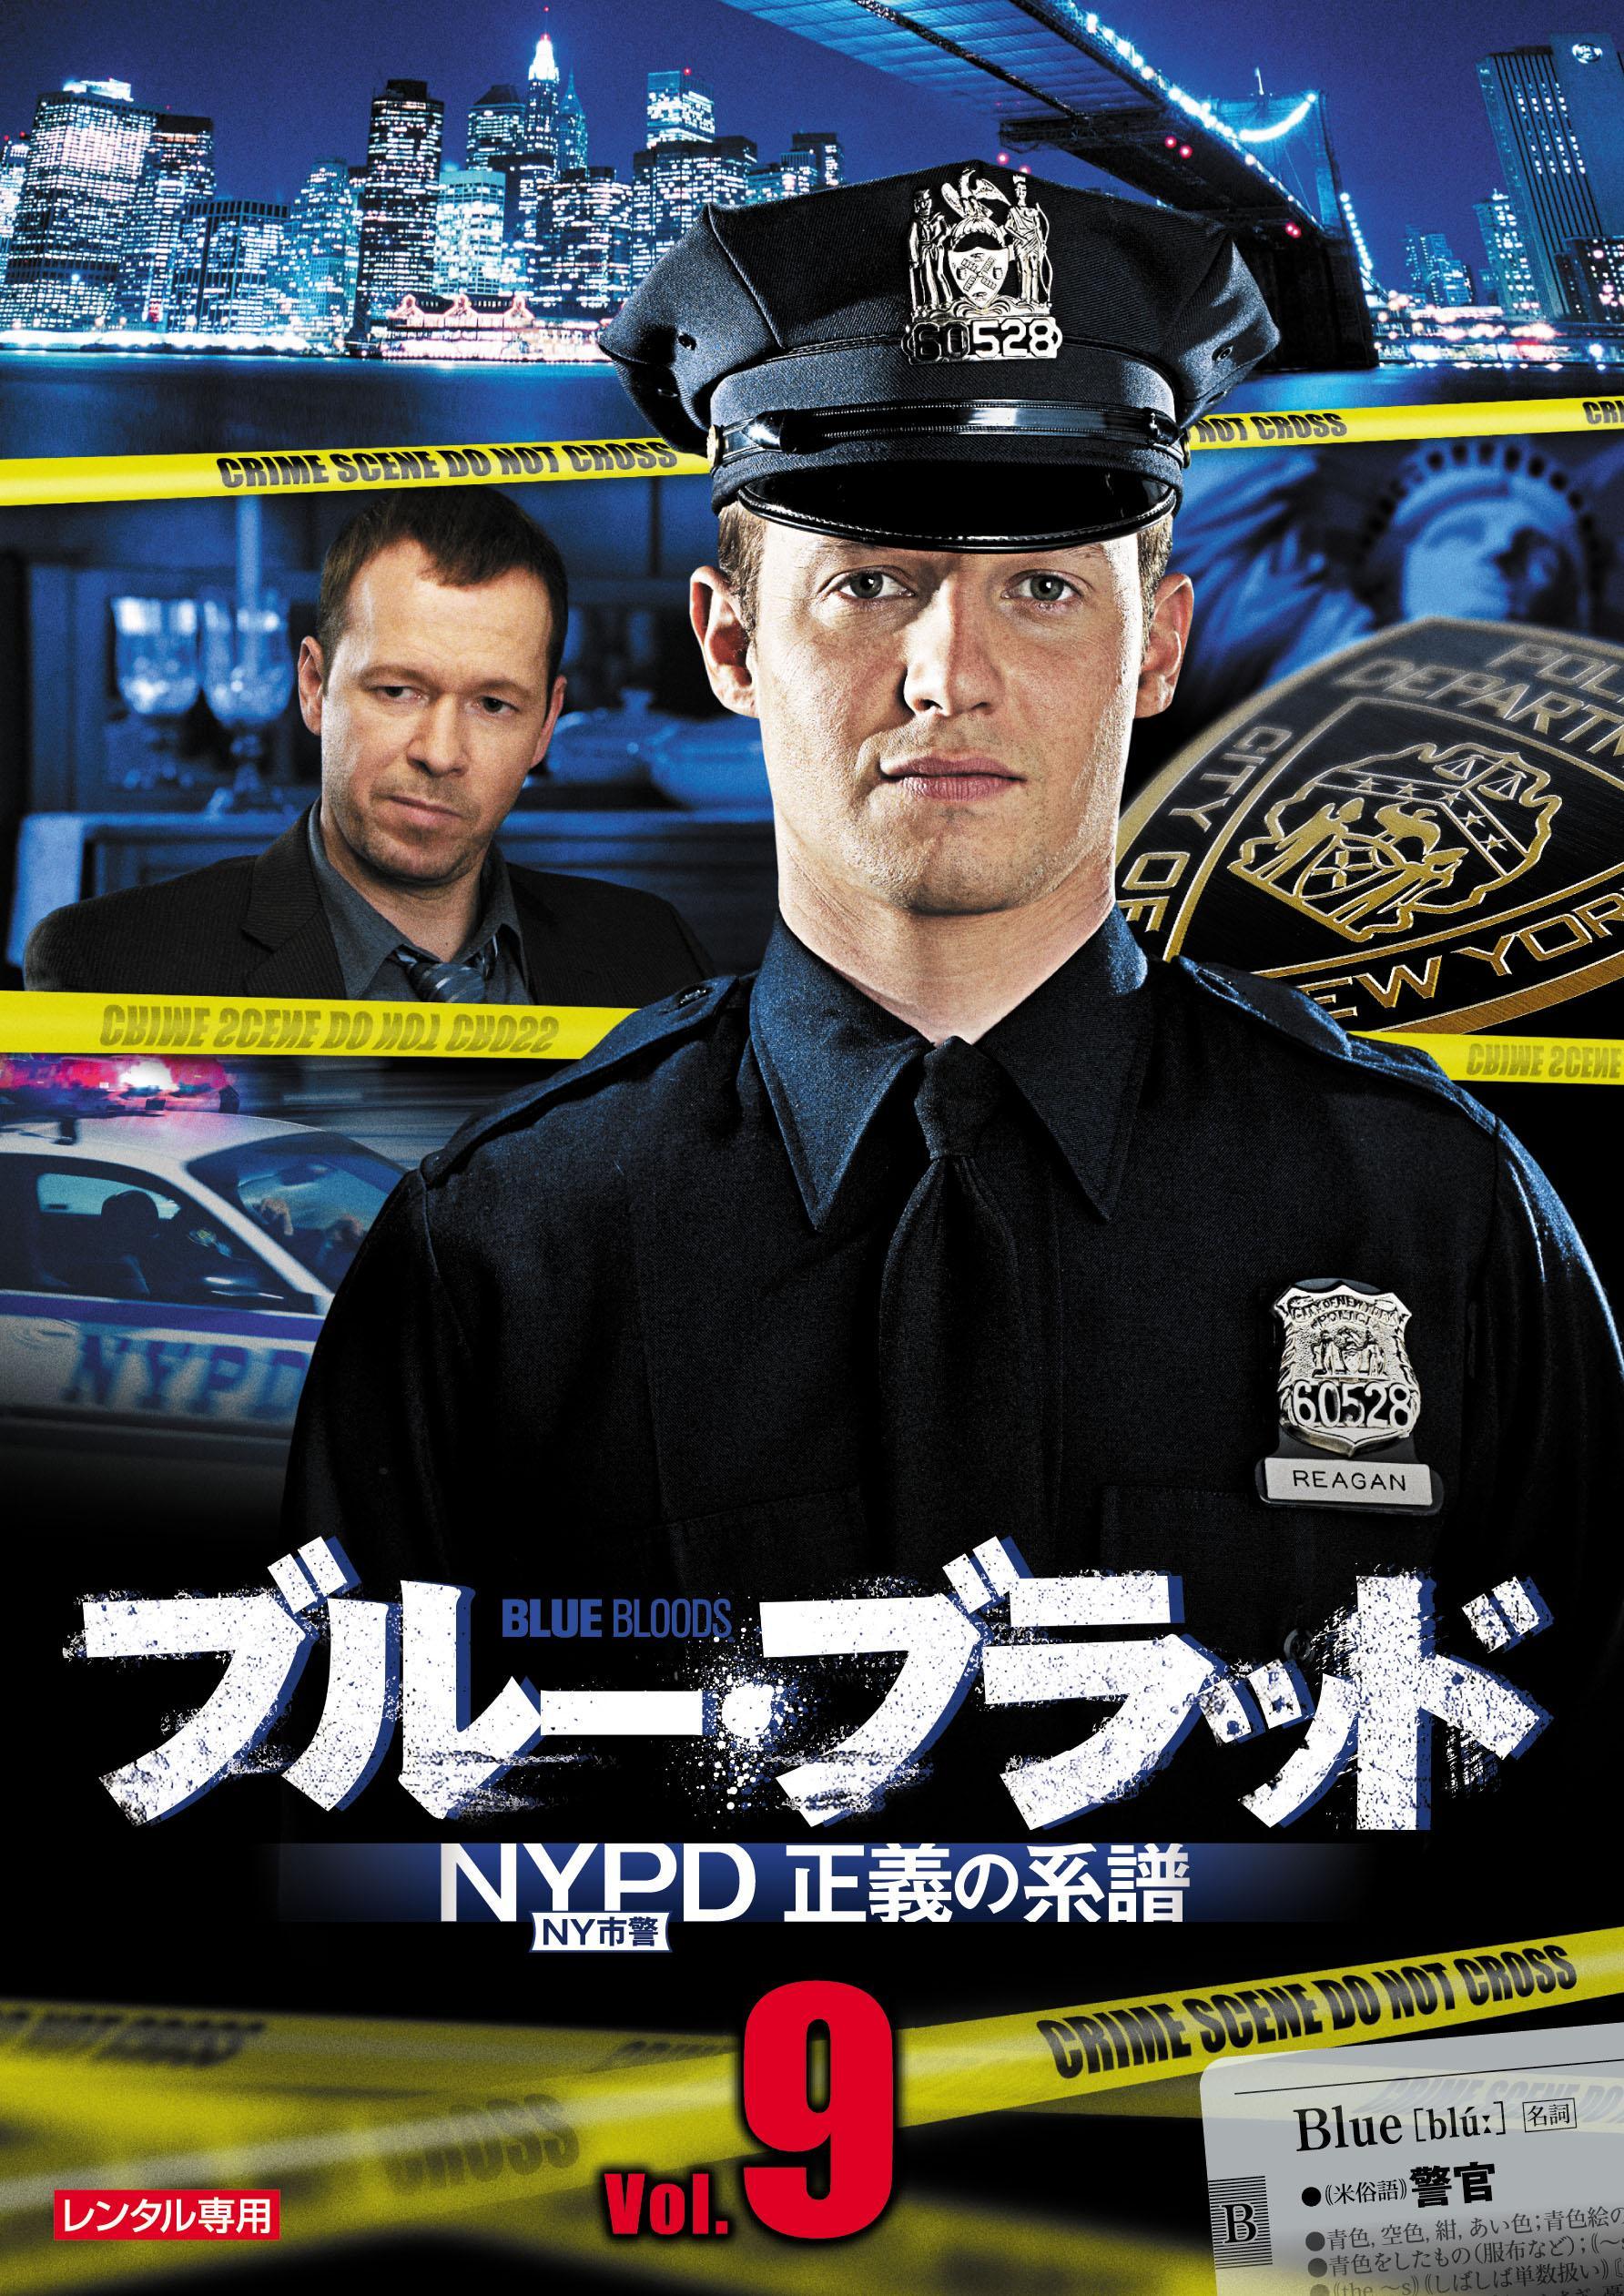 ブルー・ブラッド NYPD 正義の系譜 のサムネイル画像